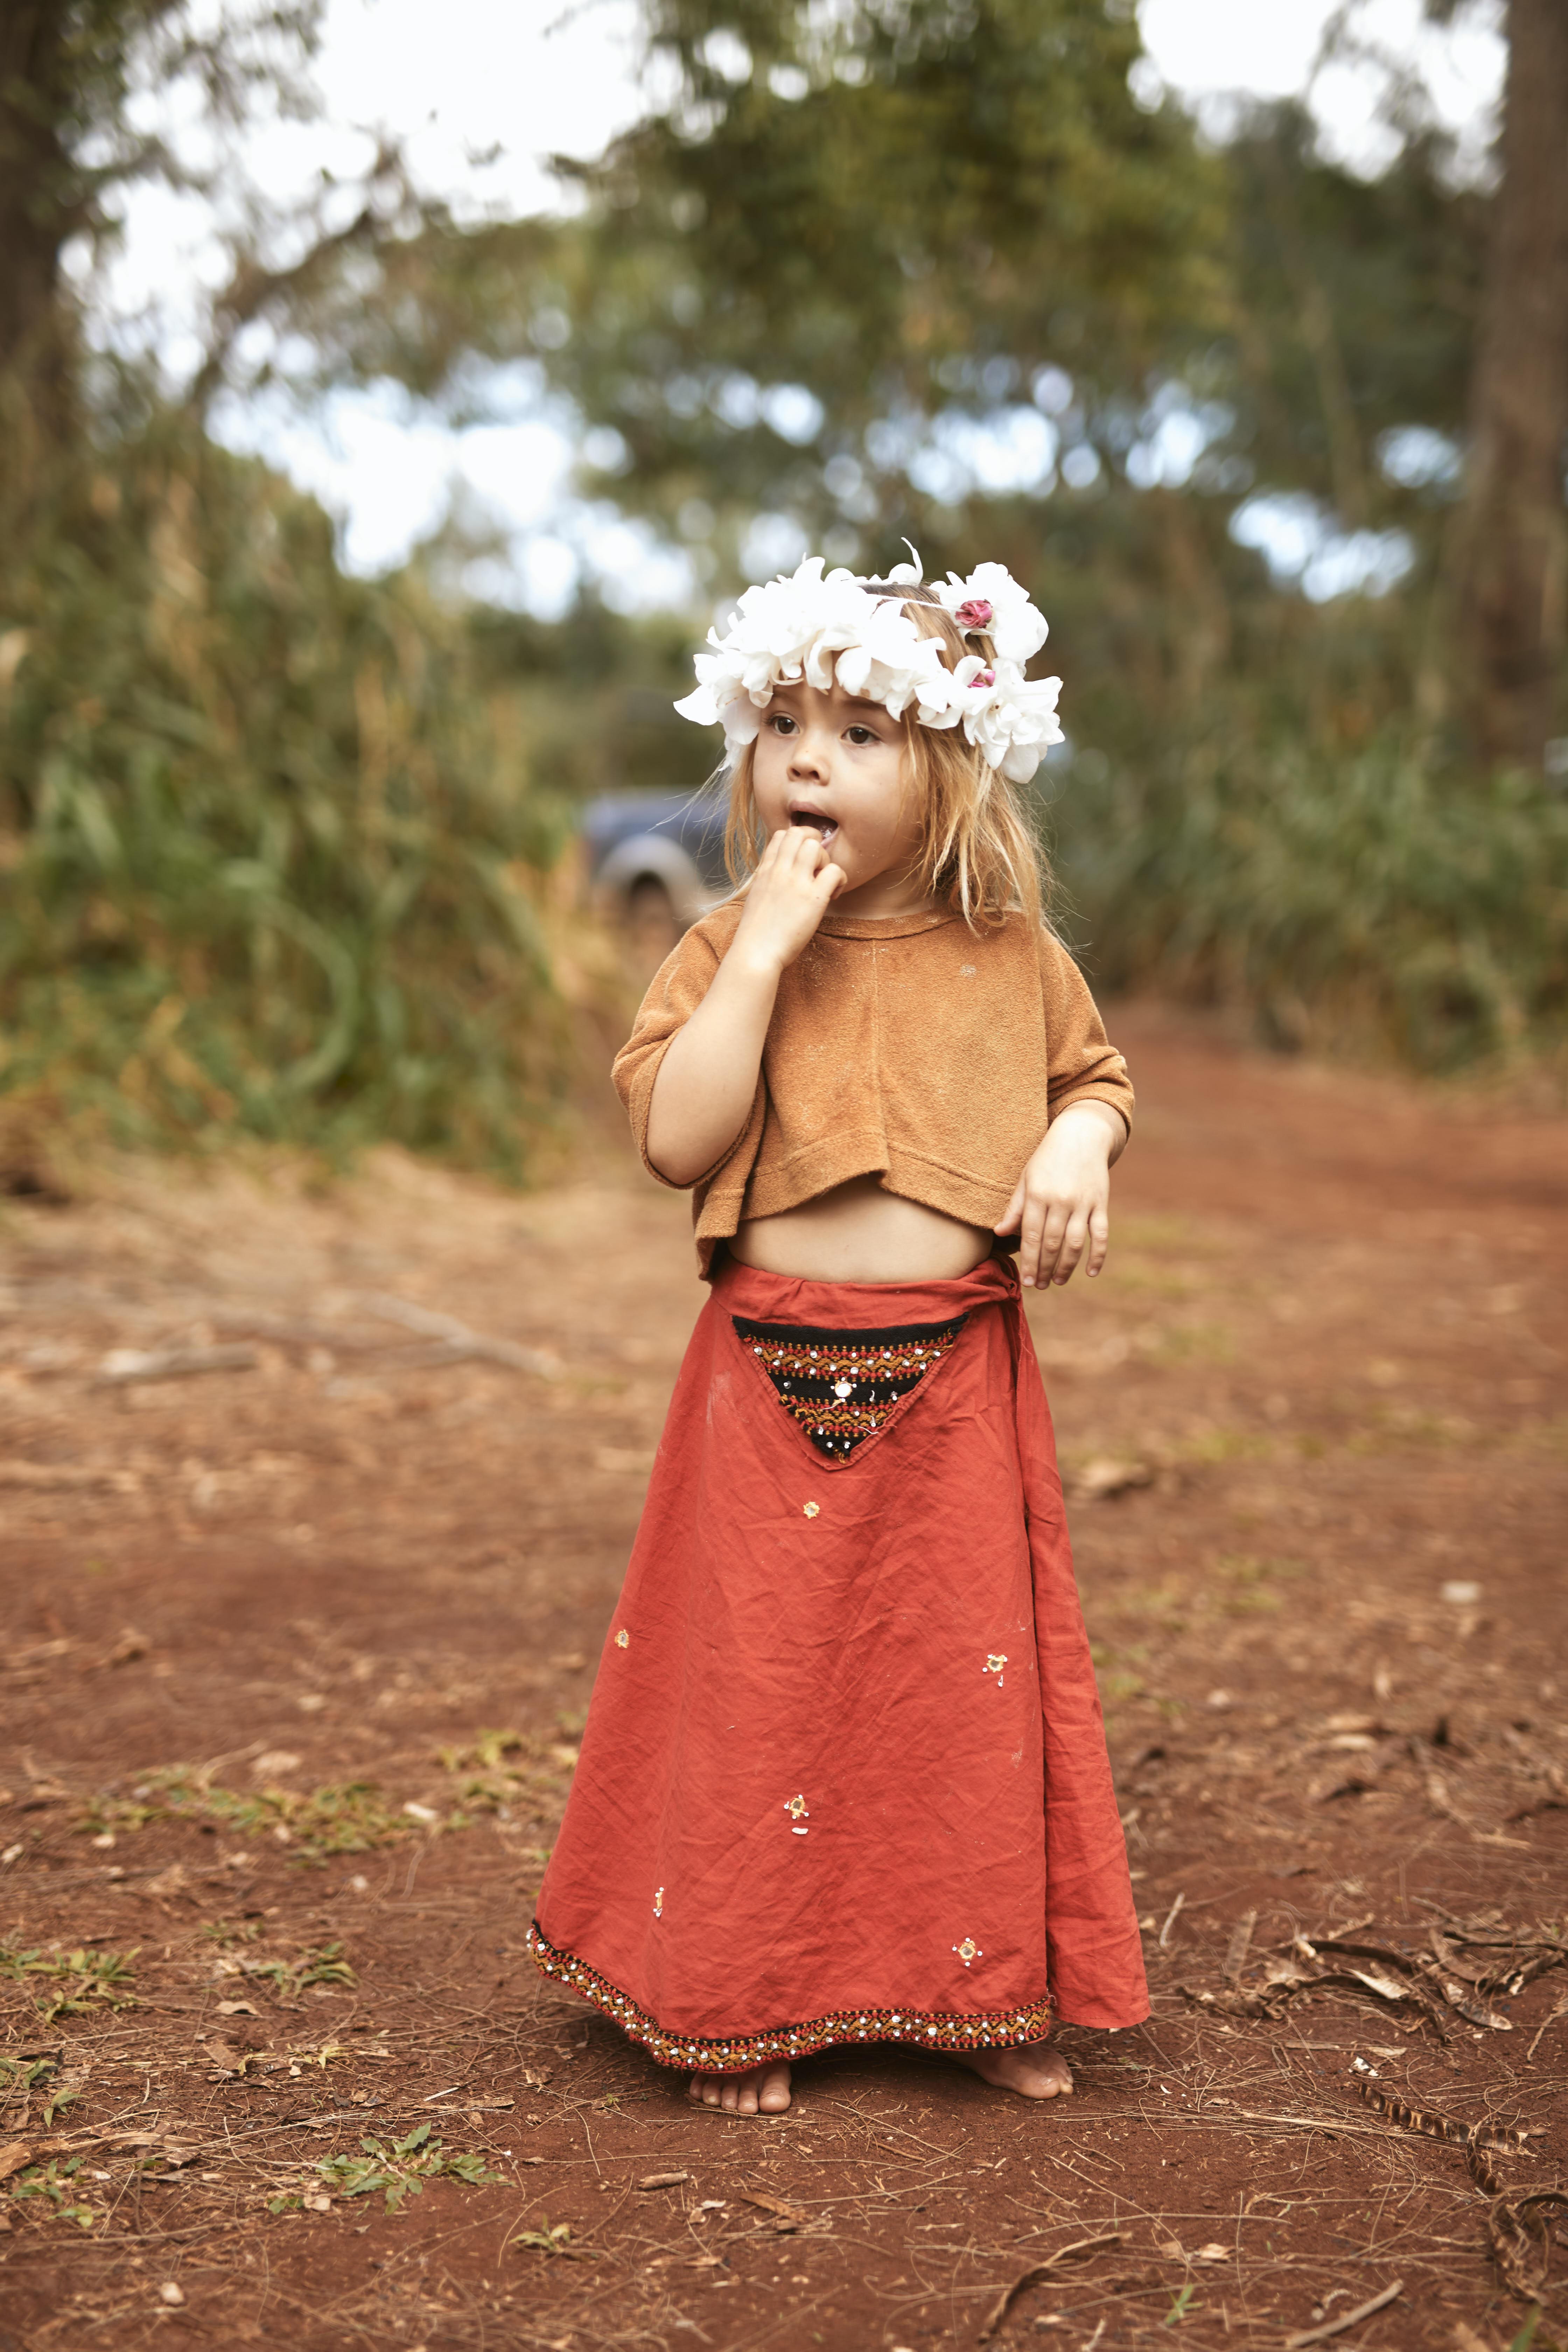 Fernweh_Lunar-Celebration-Nui-Nui-Tree_4785-1